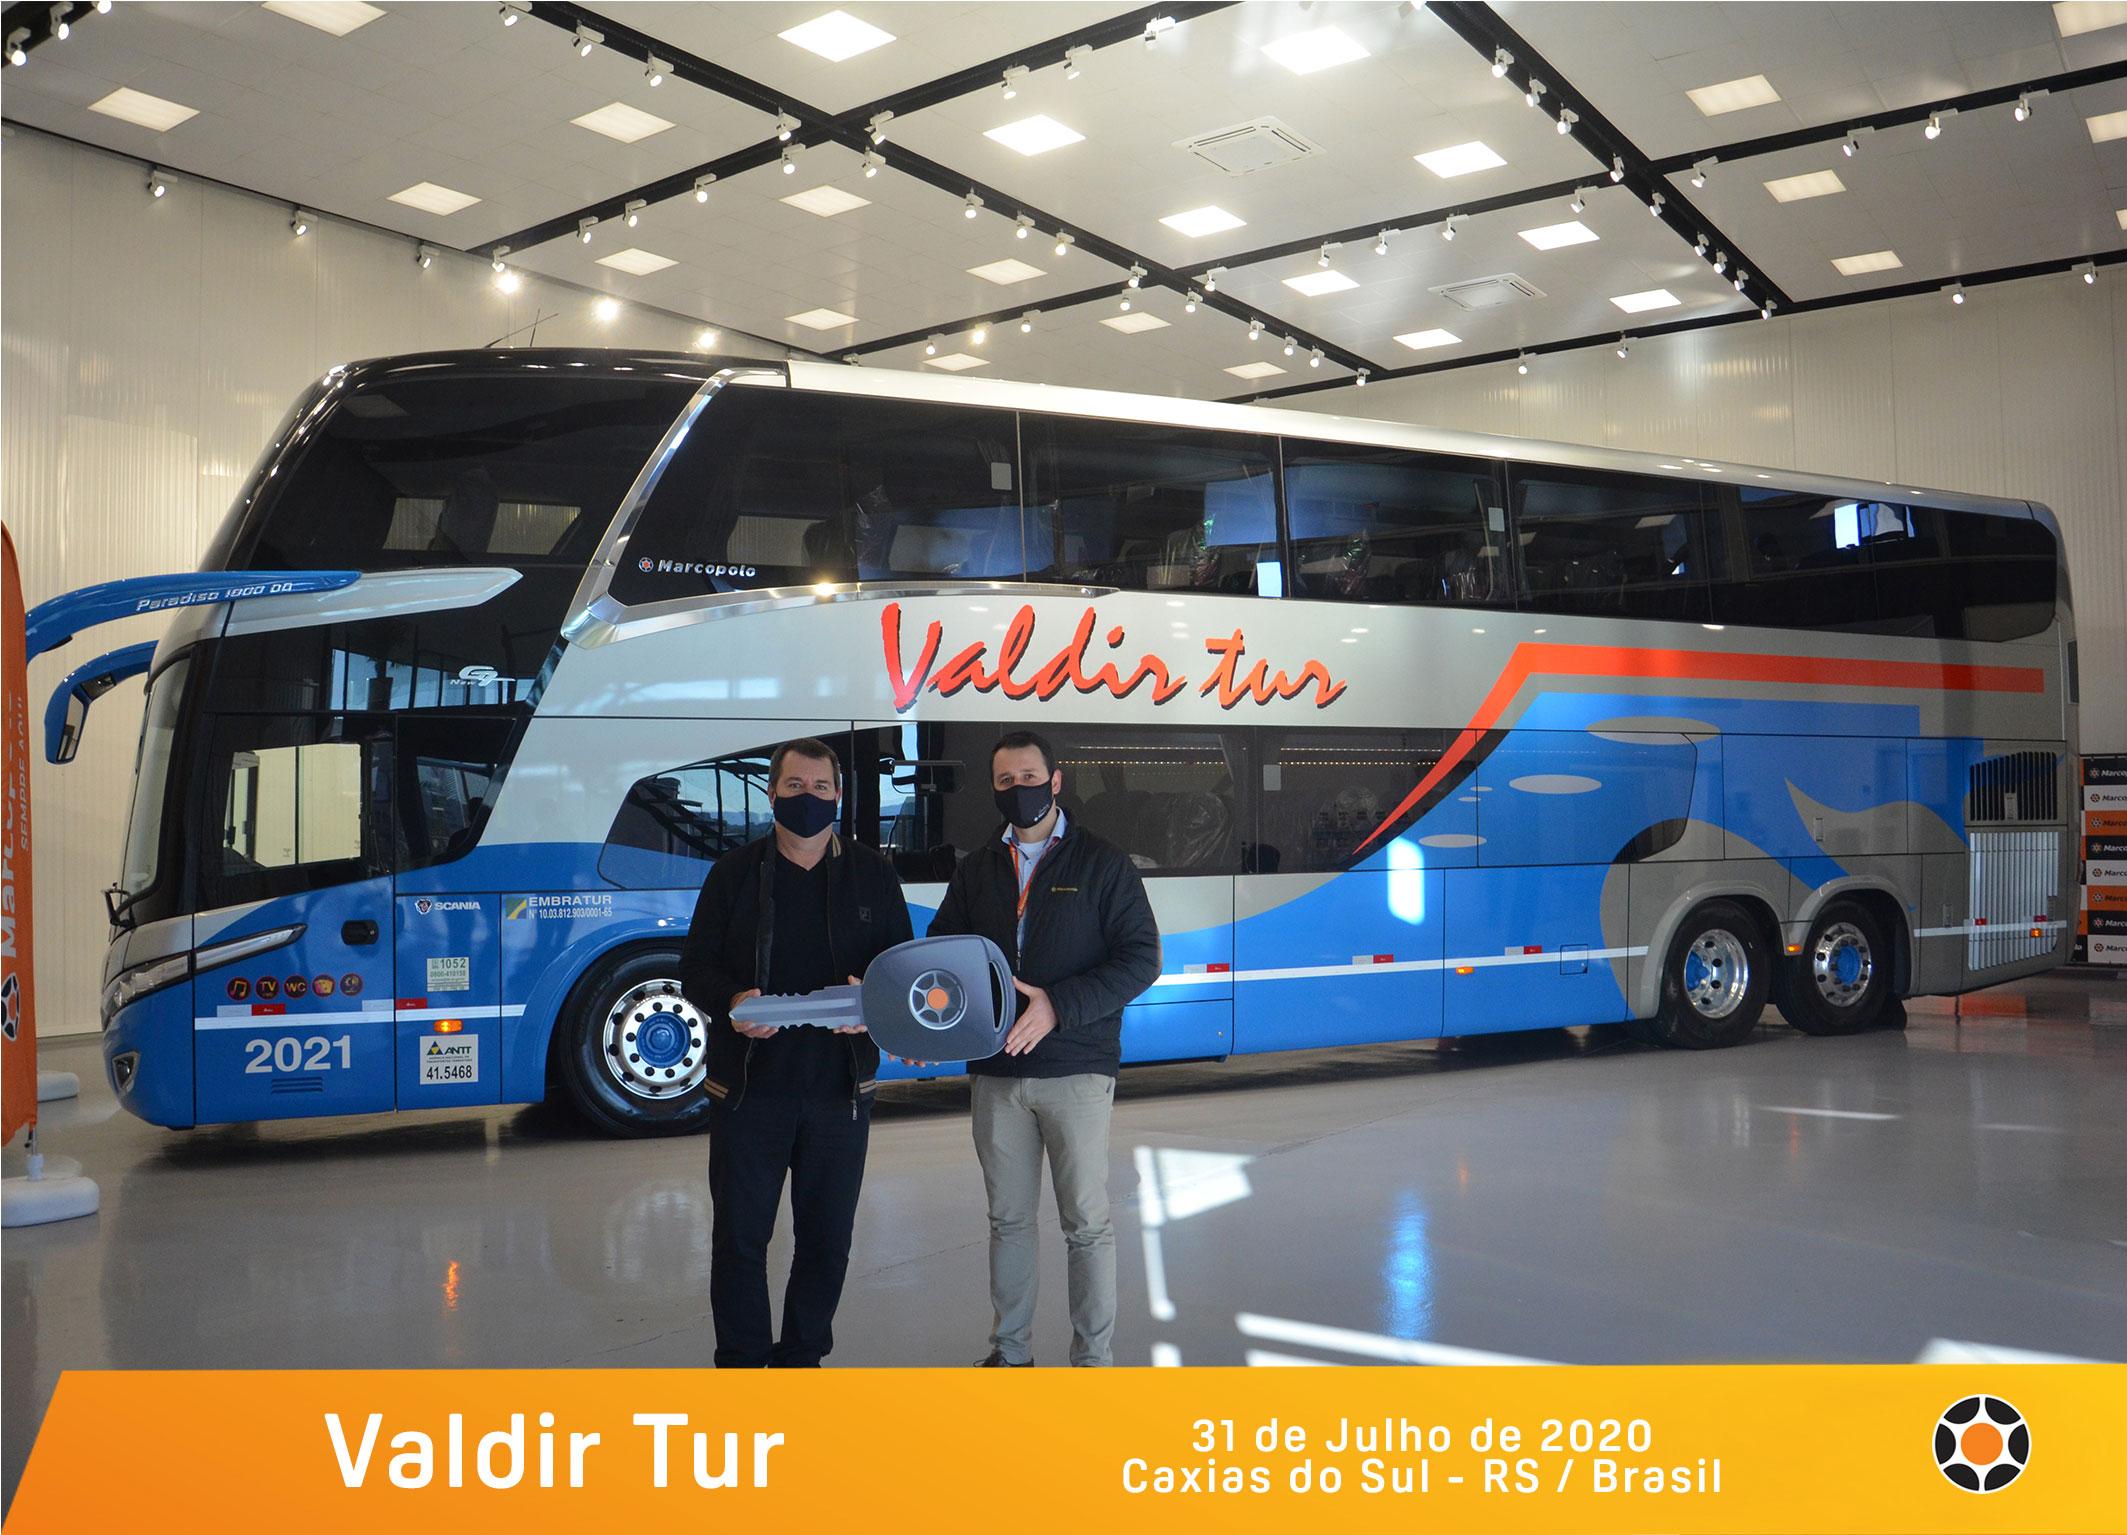 Valdir-Tur-(1)